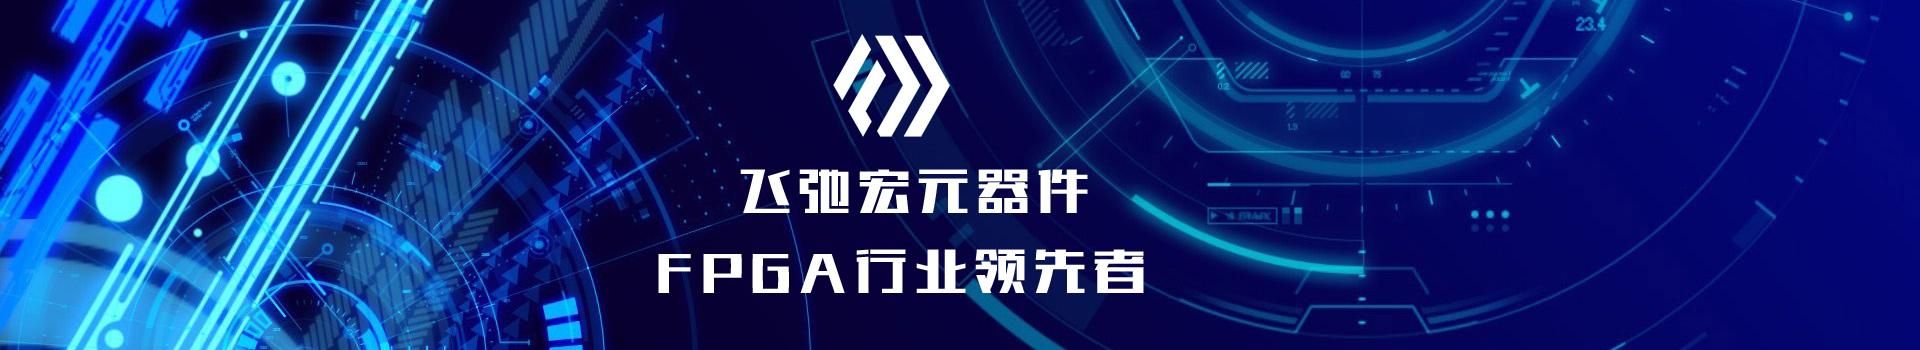 深圳飞弛宏科技有限公司